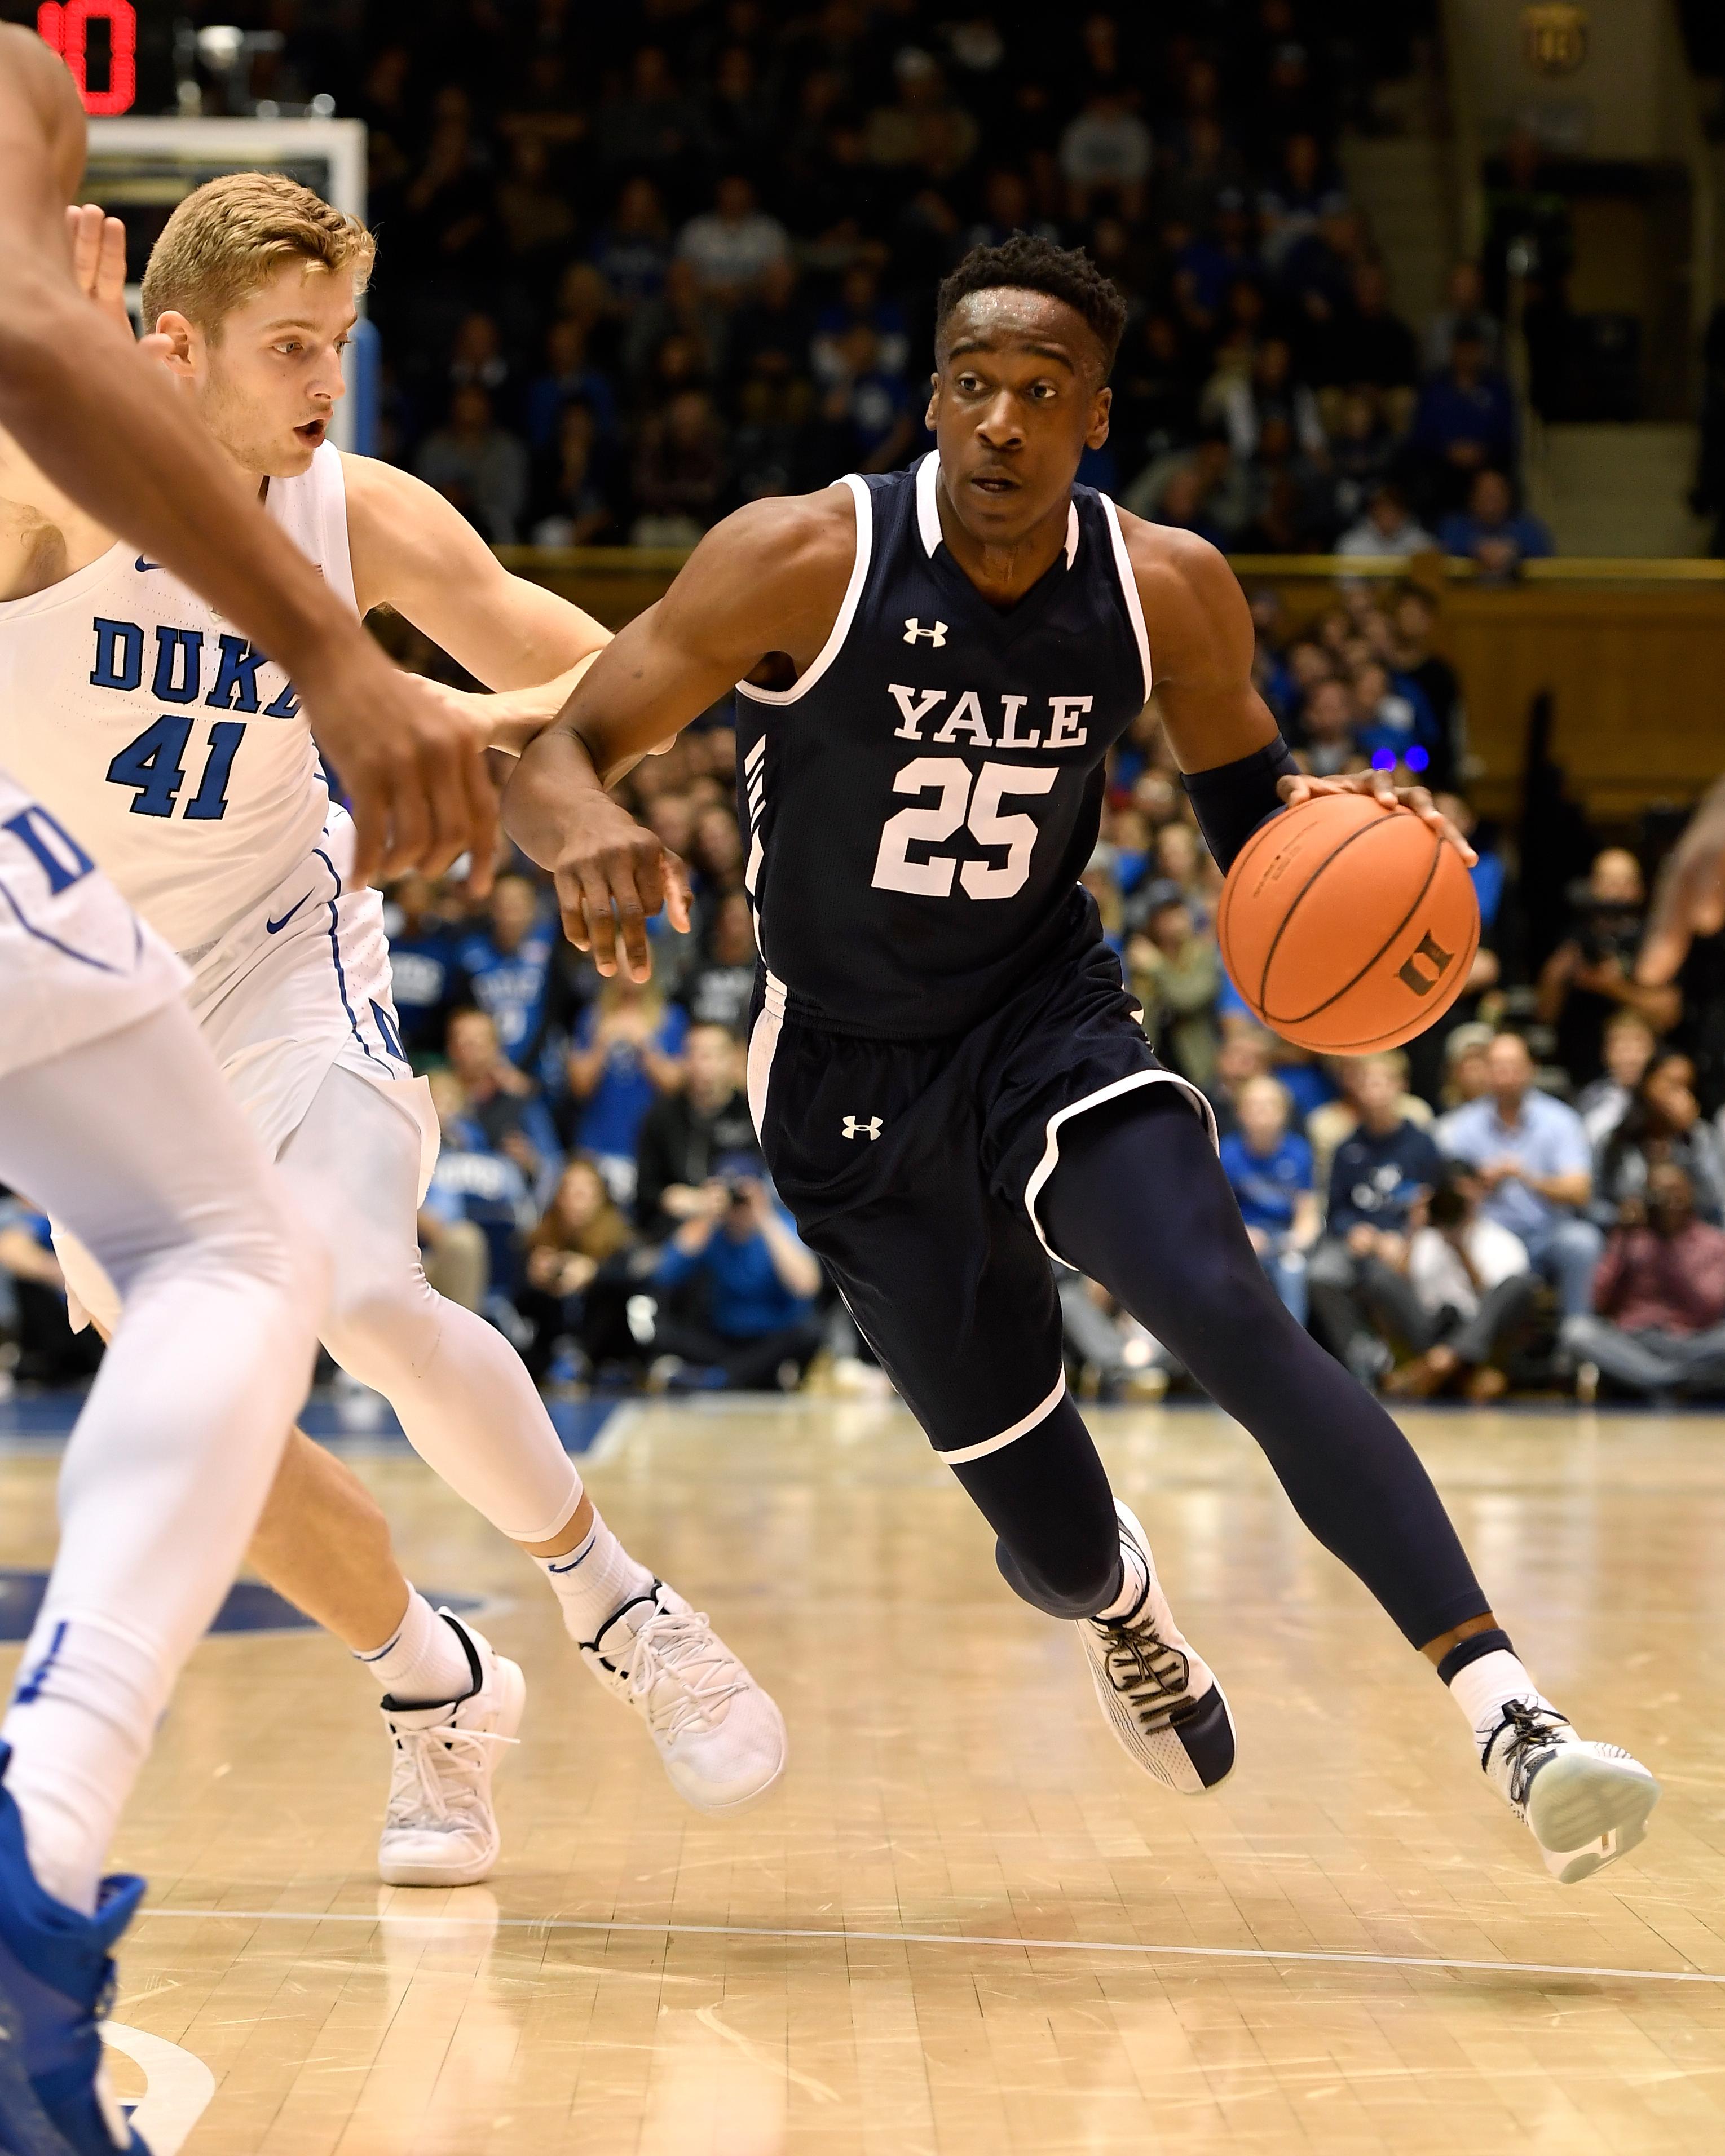 Yale v Duke